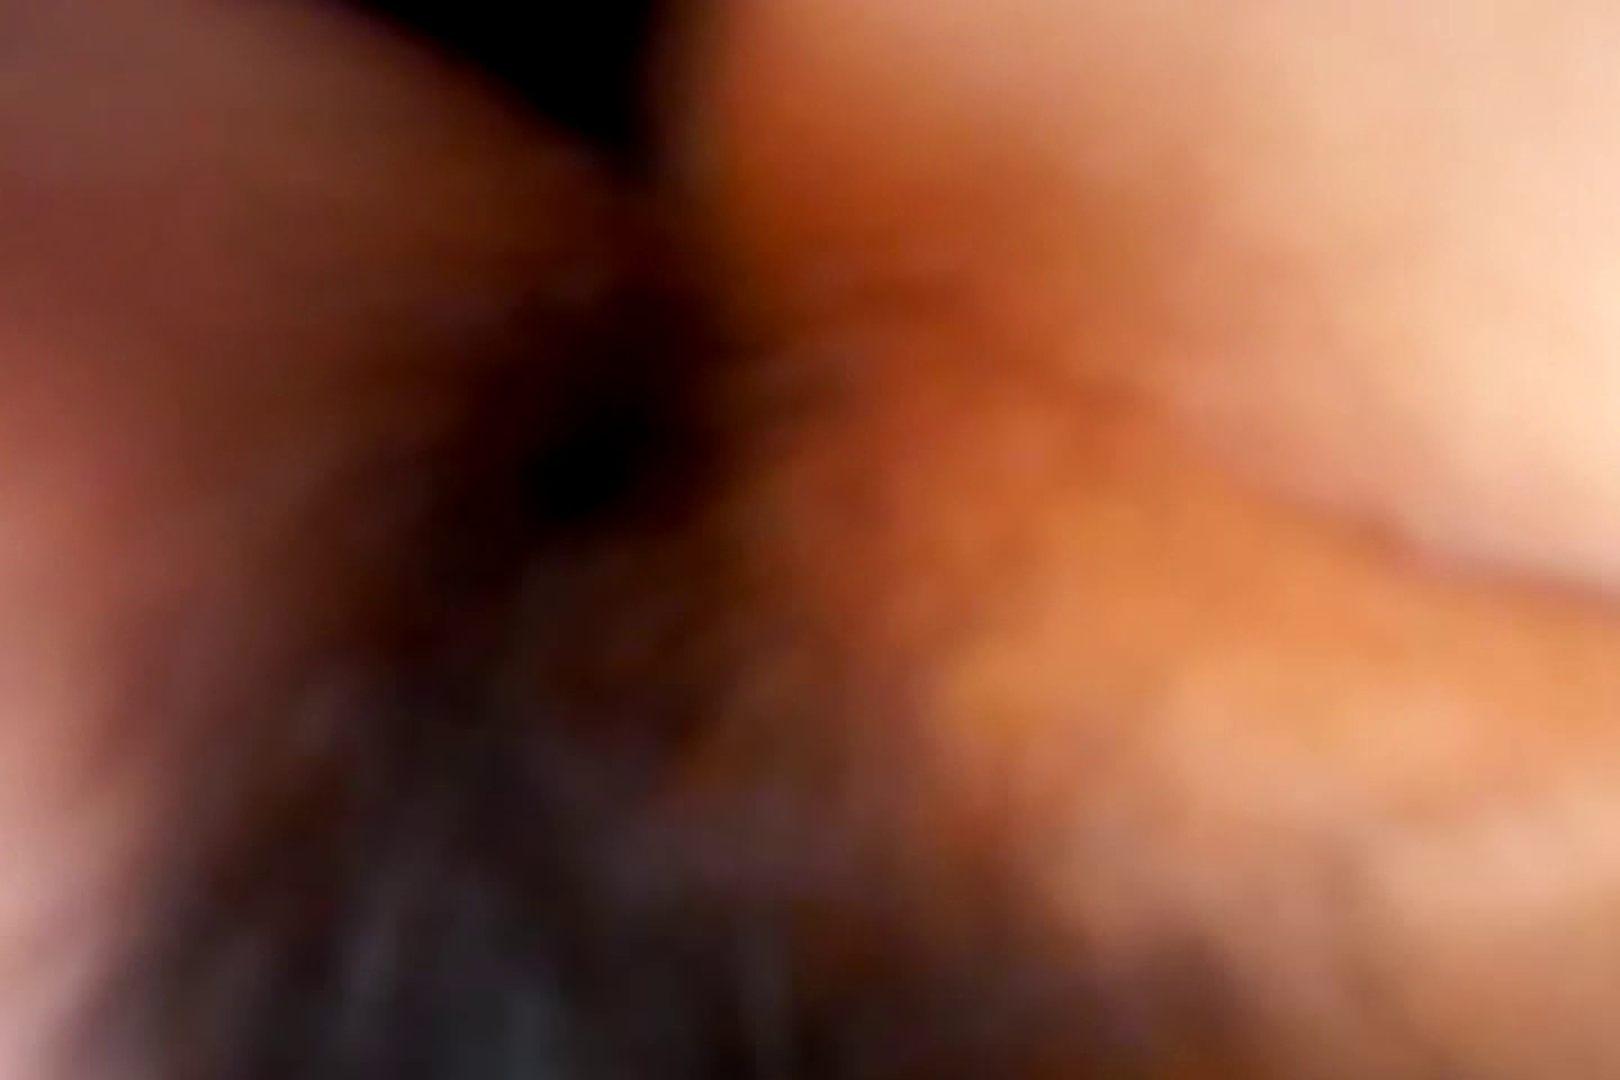 ウイルス流出 レオ&マンコのアルバム プライベート | マンコ  74画像 3